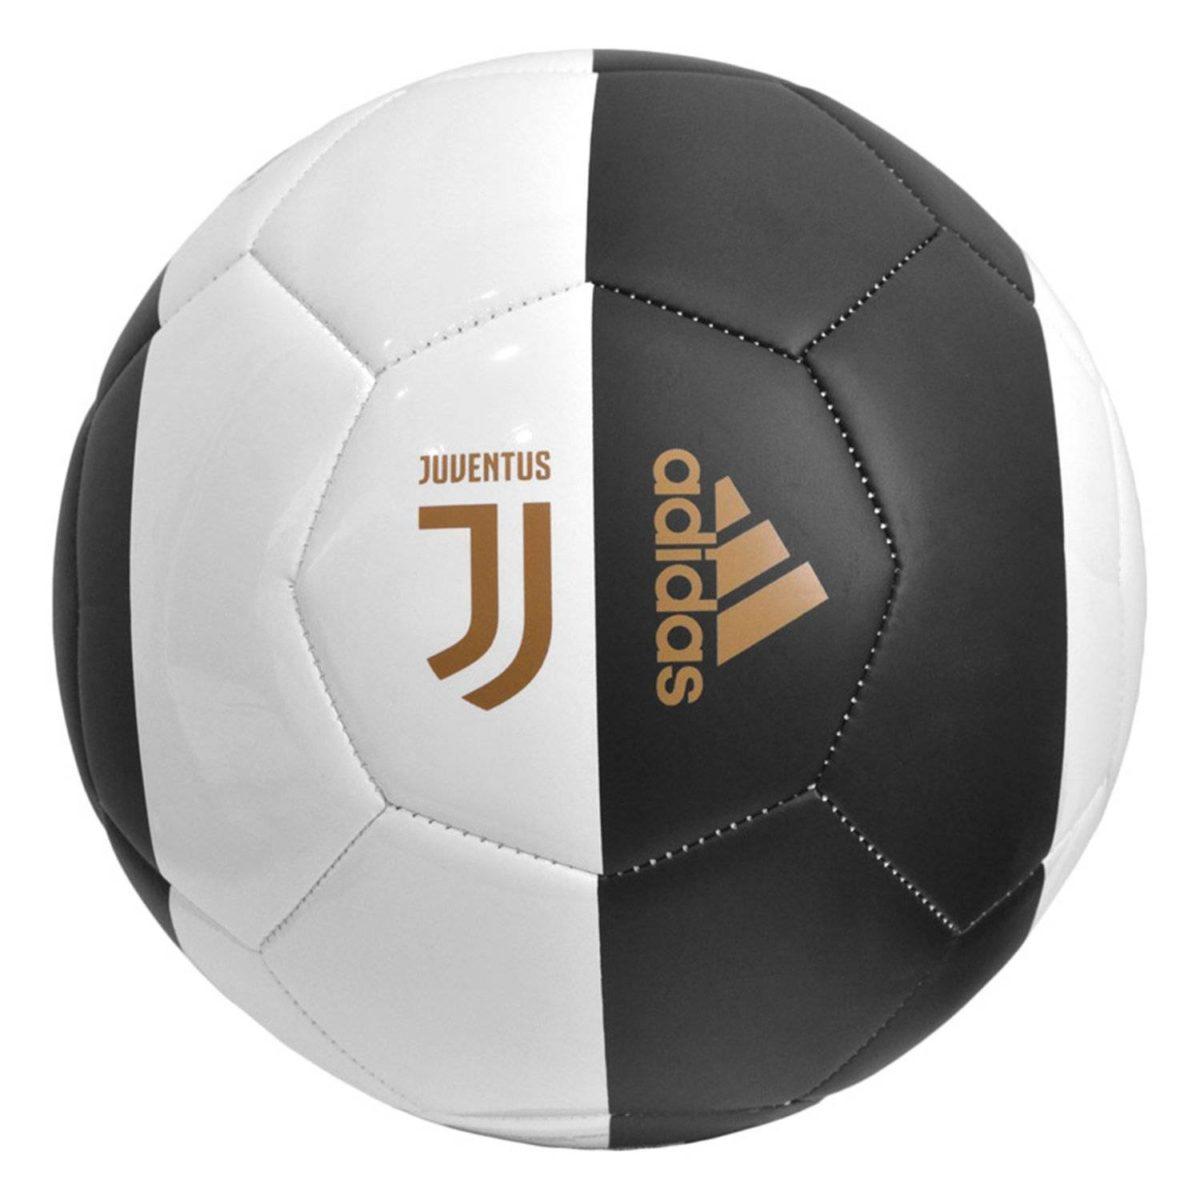 ADIDAS Capitano Juve Мяч футбольный  DY2528 №5 - 1